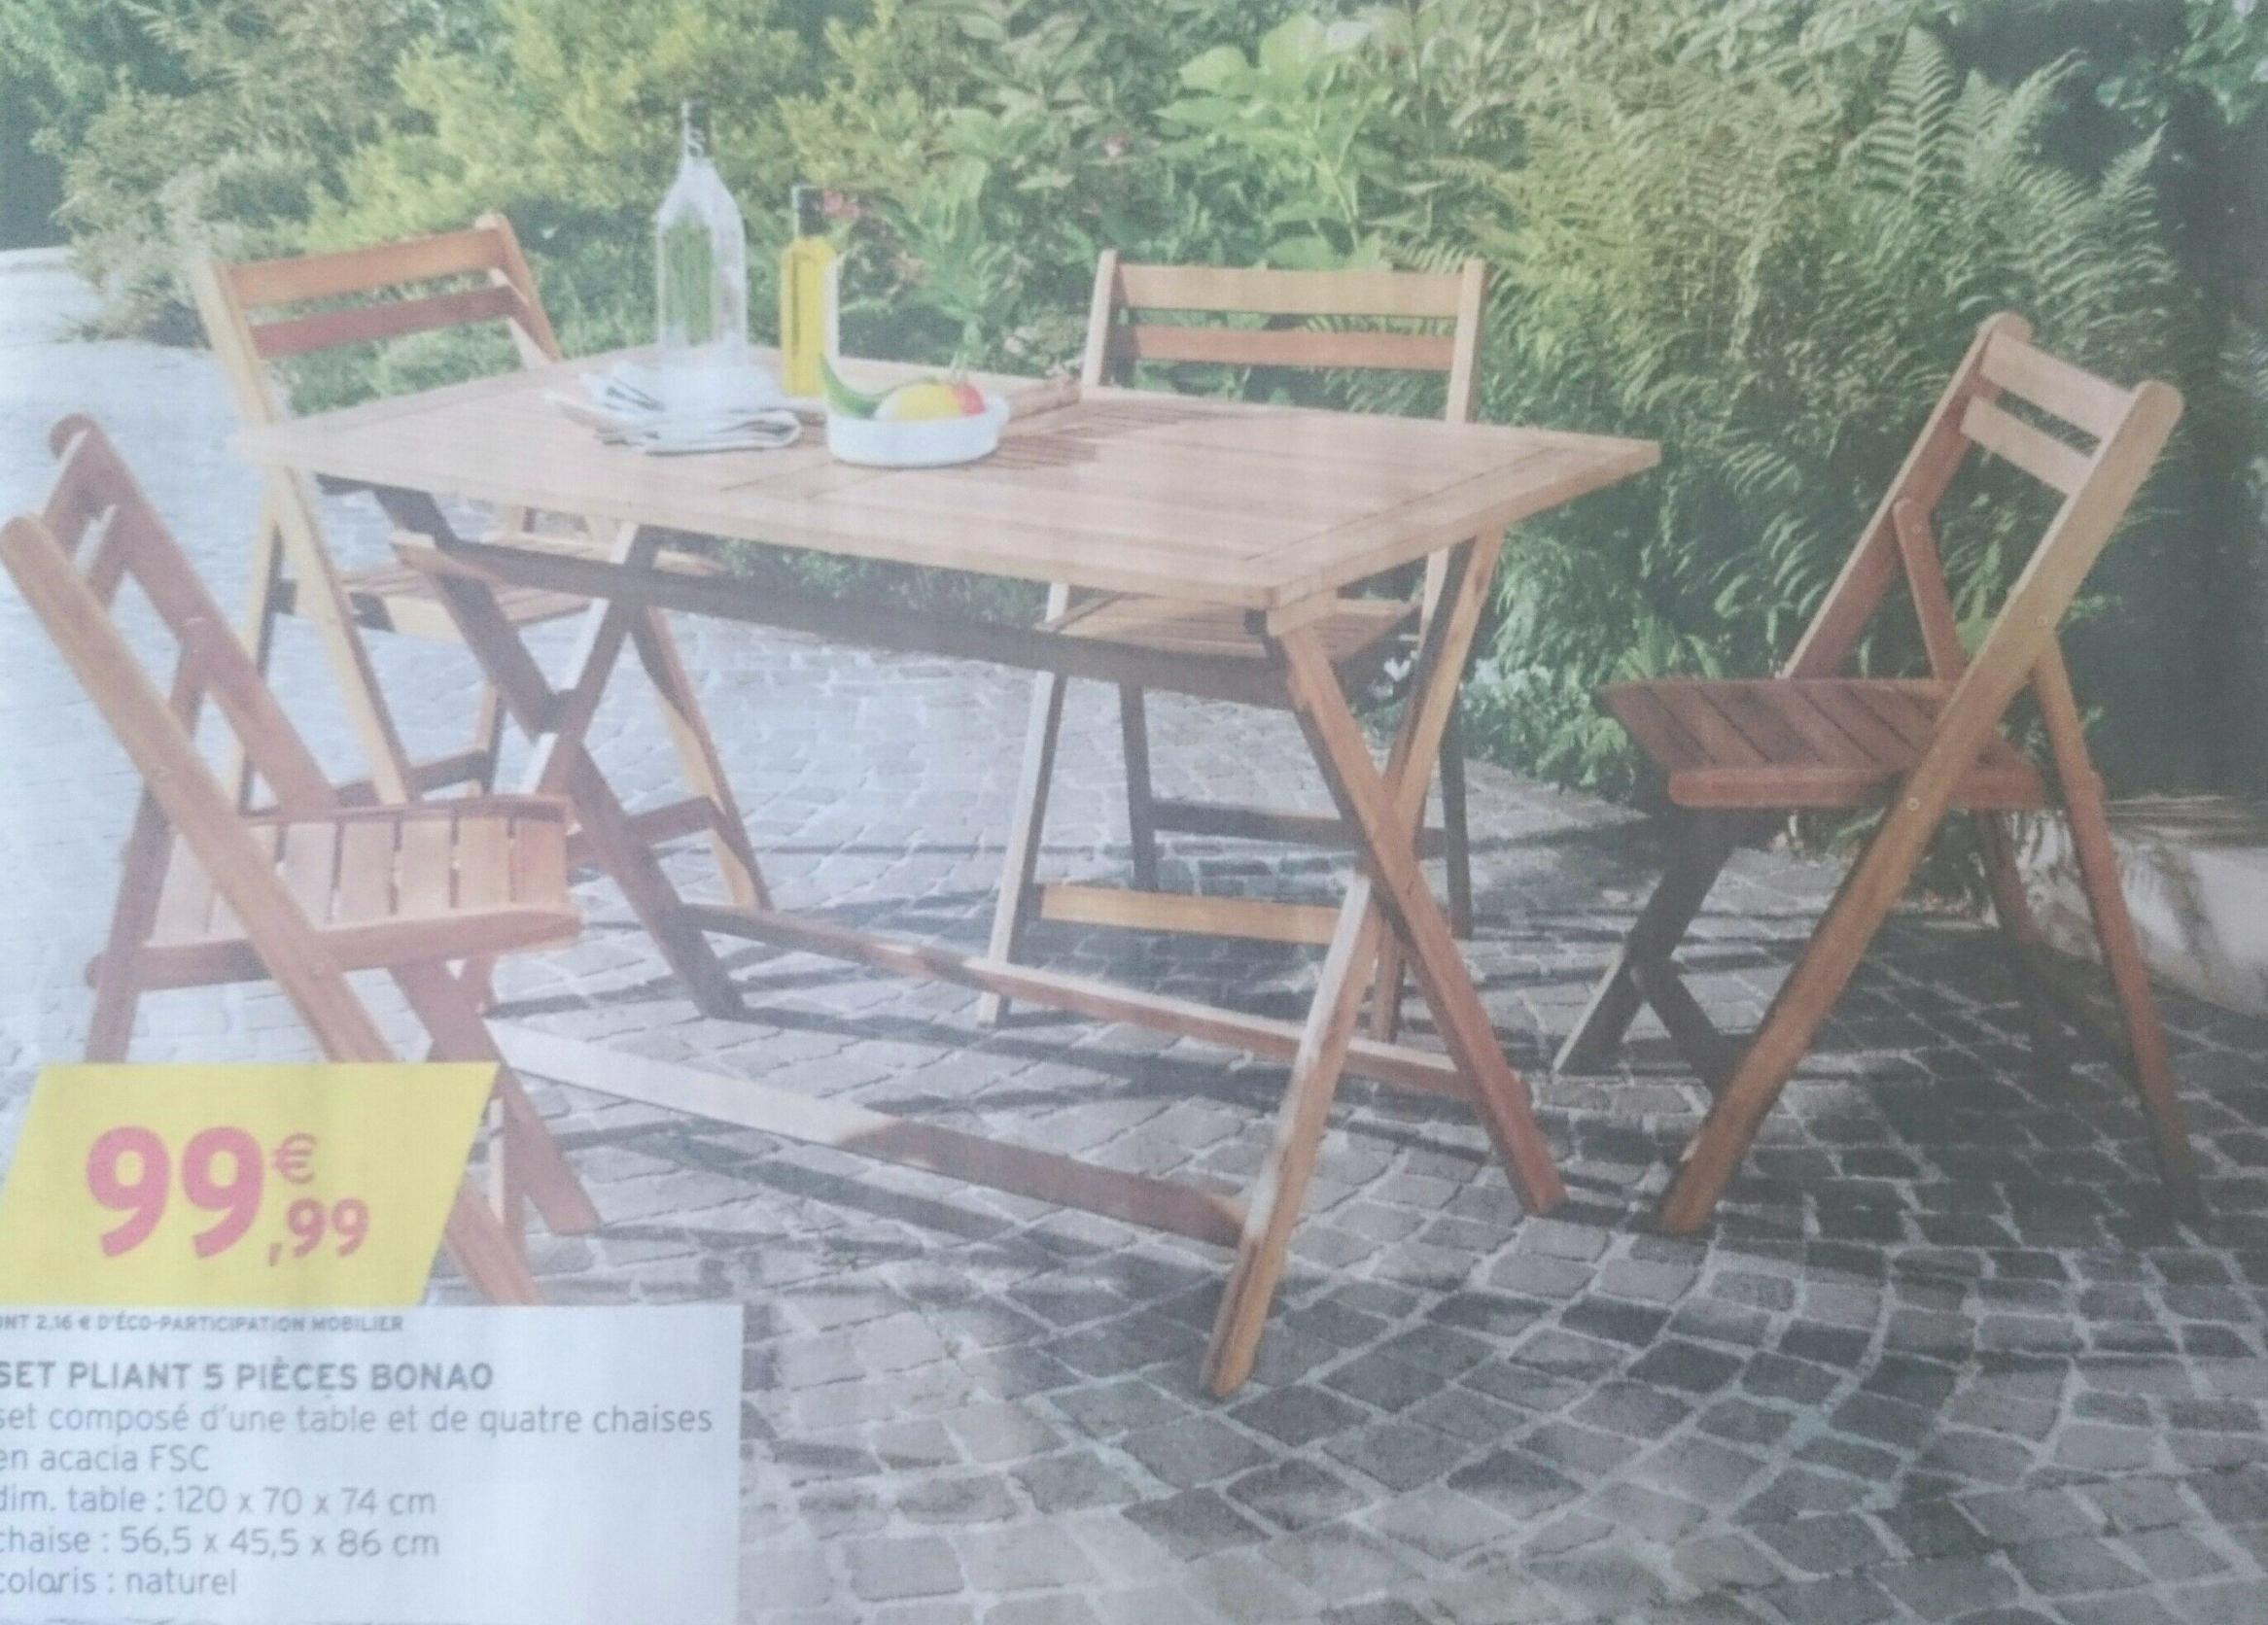 Salon de jardin acacia weldom - Abri de jardin et balancoire idée